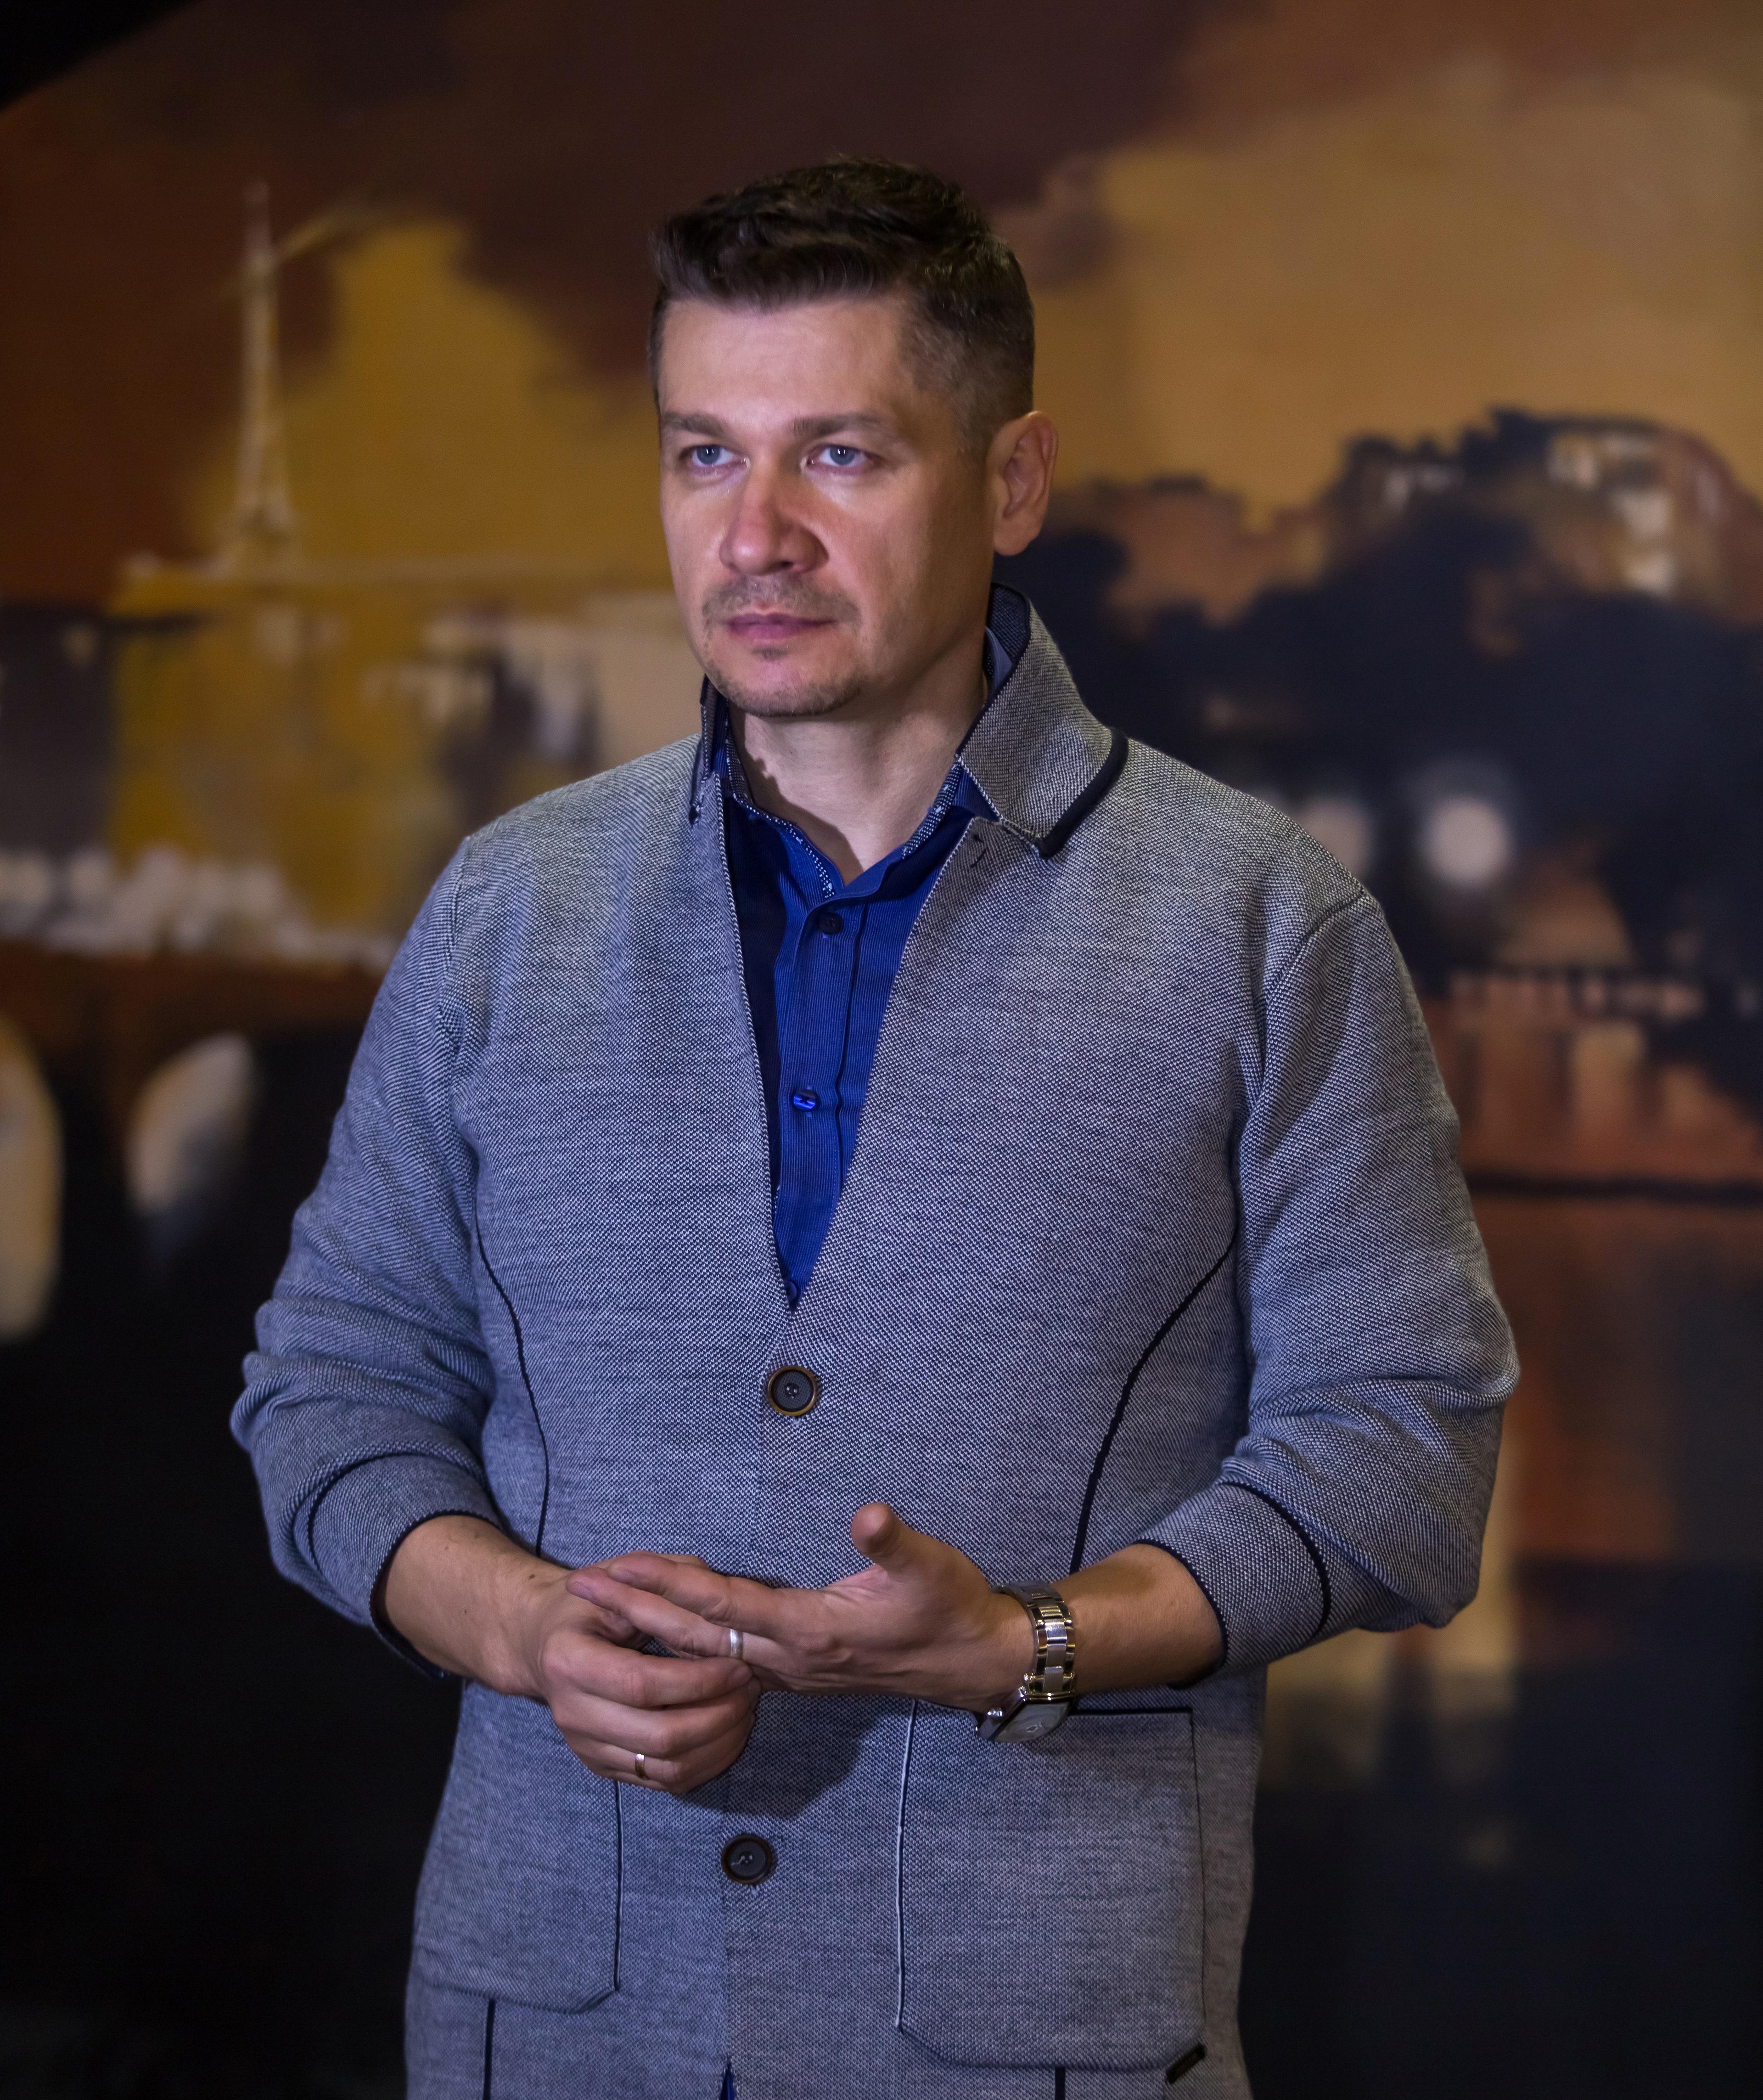 андрей картавцев видеоклипы бесплатно реально помощь кредит новосибирск